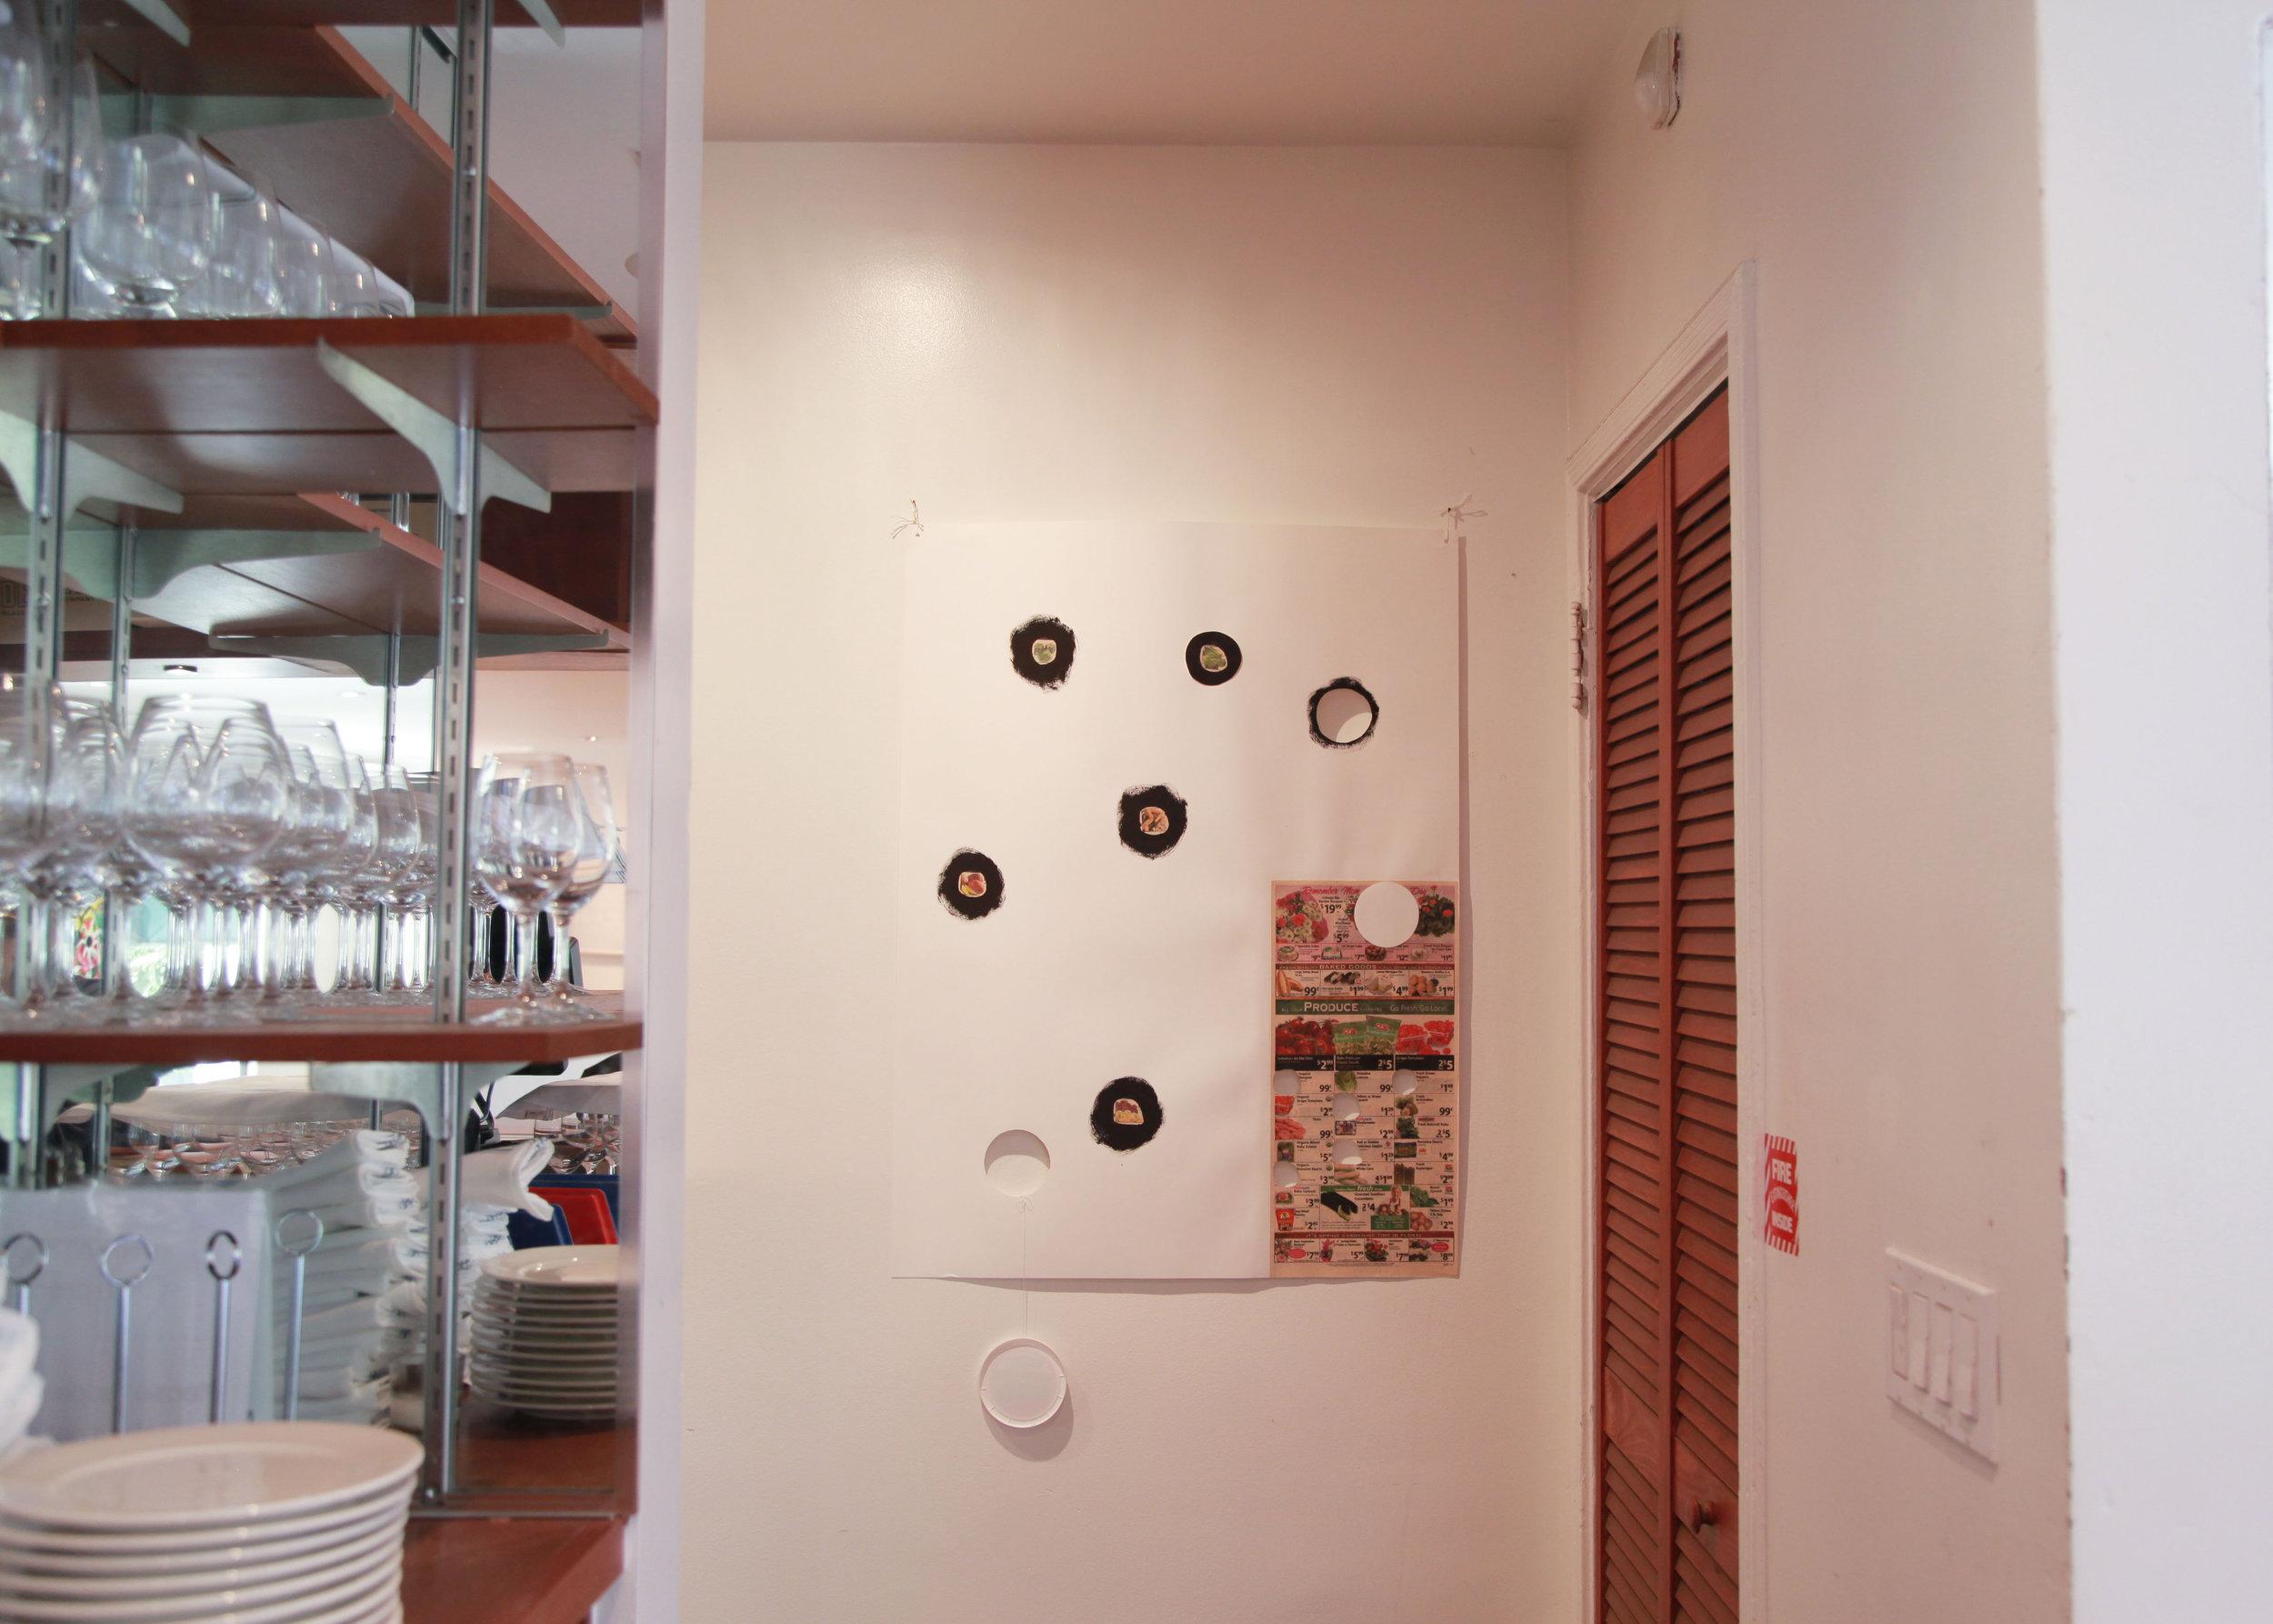 Installation view: B. Wurtz